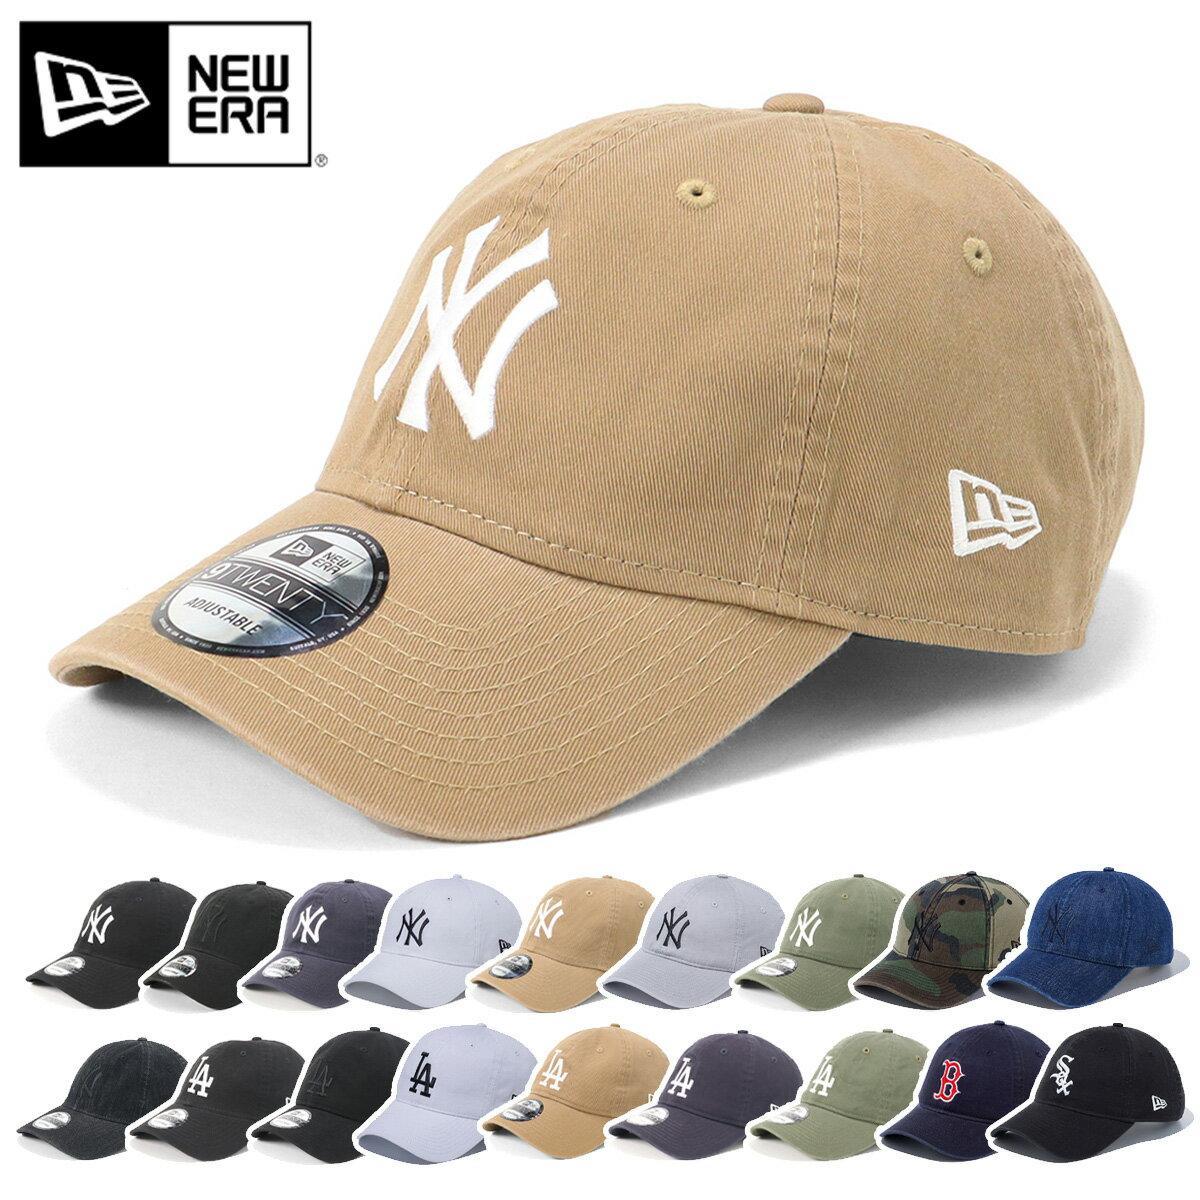 メンズ帽子, キャップ  NEW ERA ONSPOTZ WASHED COTTON 9TWENTY MLB